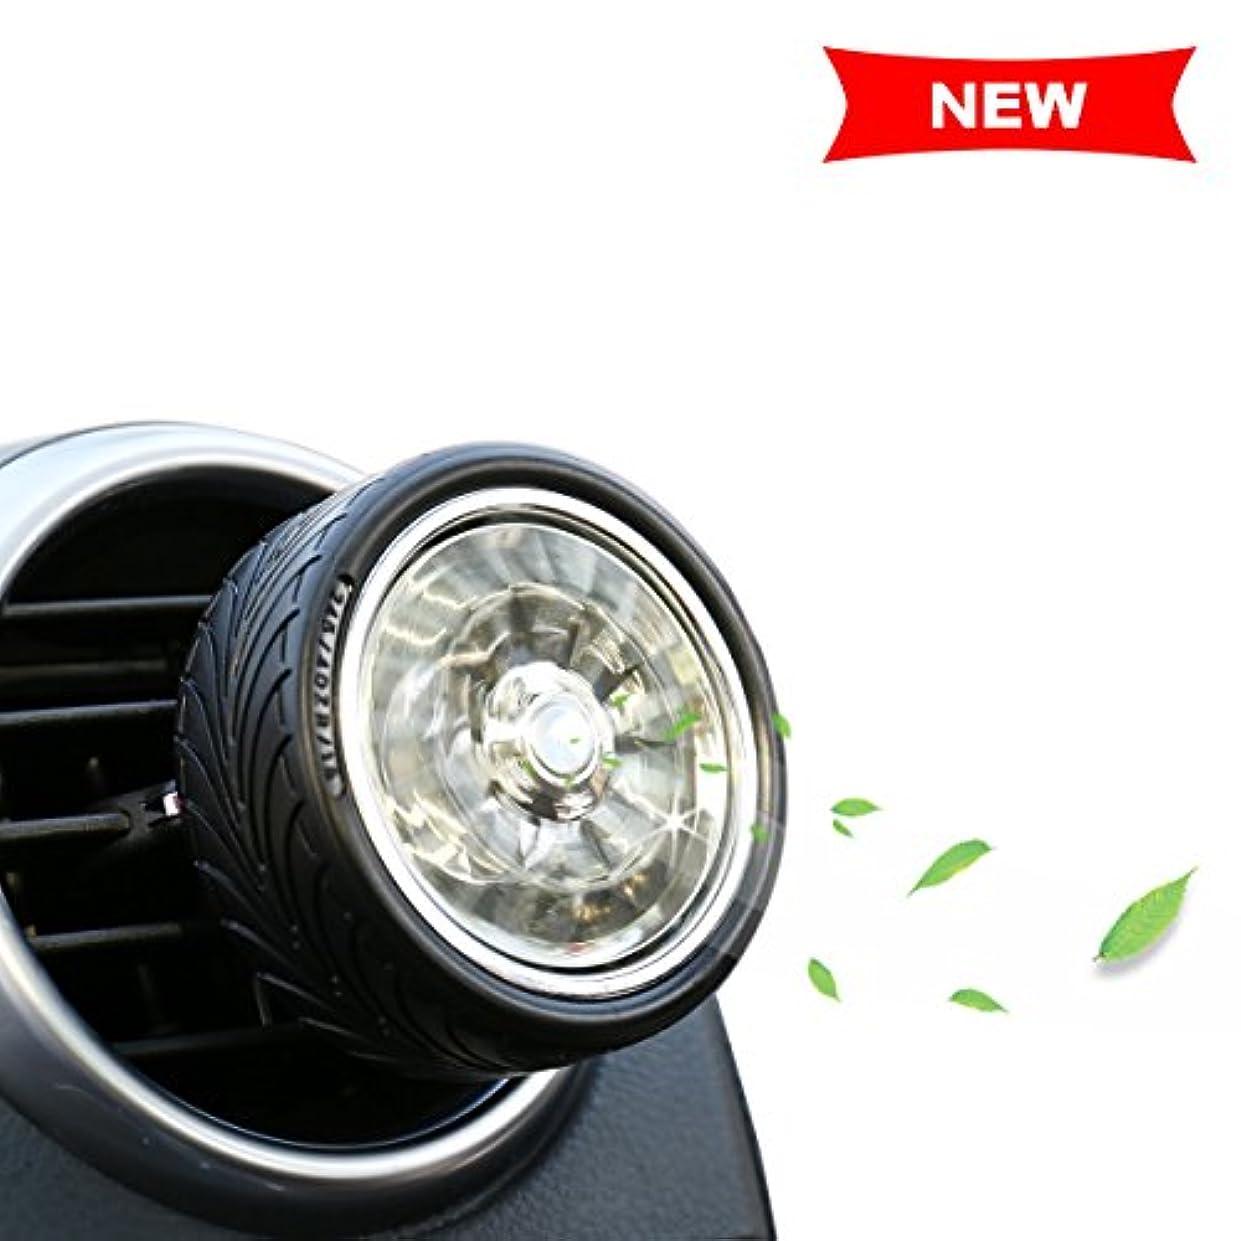 後方に要件対象Aromatherapy Essential Oil Diffuser Car Air Freshener匂い、煙、臭気削除イオンエアークリーナー、シガレット、ほこり、なアクセサリーの自動車/ RV &車ギフト| CE、...